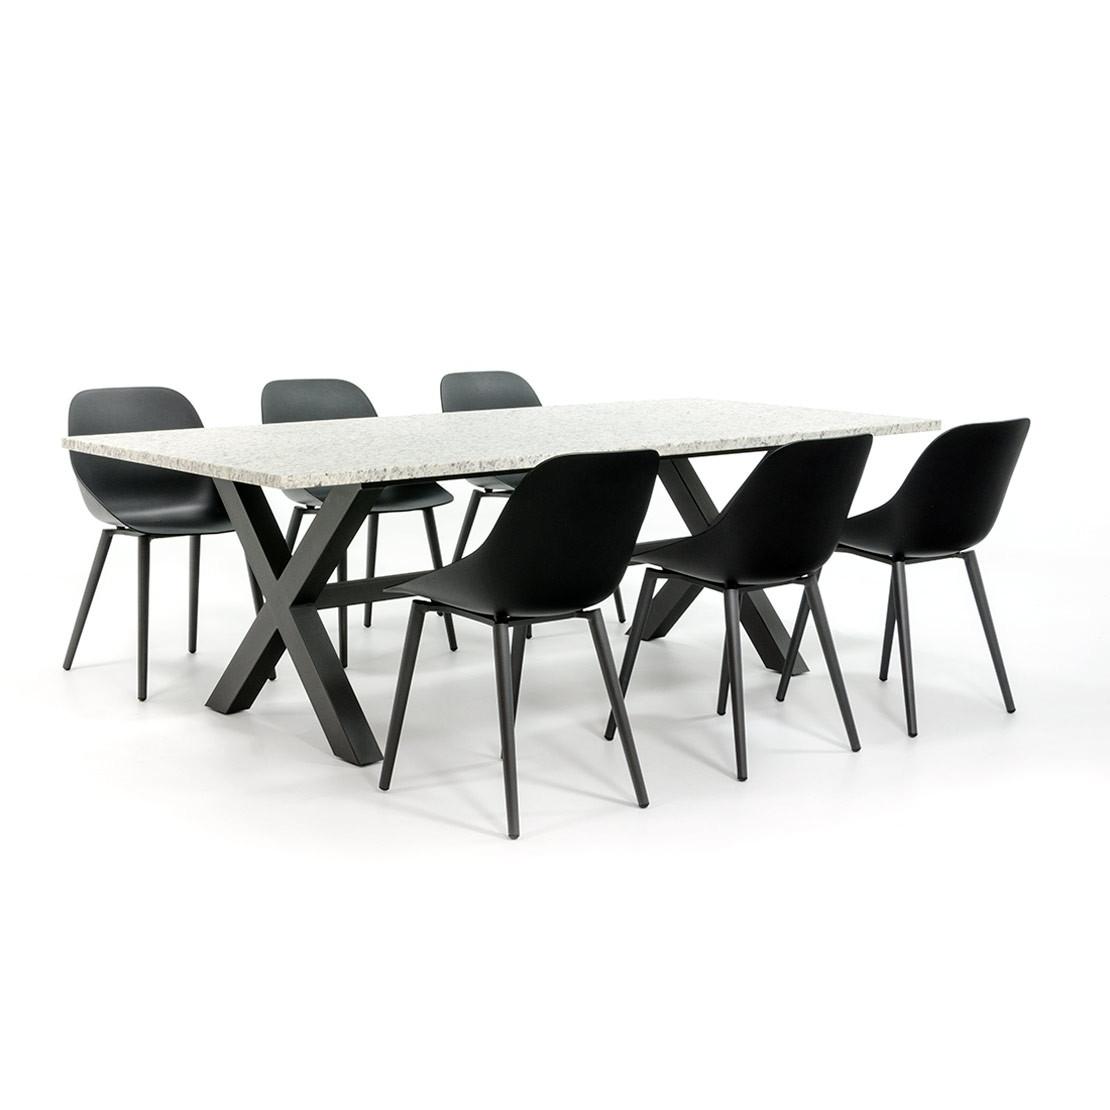 Industrielle Gartenmöbel mit modernen Stühlen